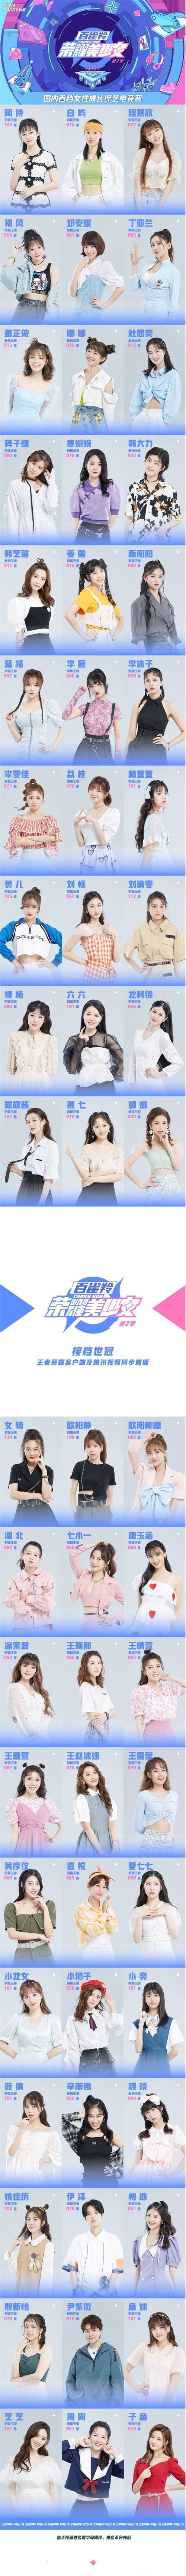 【捕鱼王】荣耀美少女S2定档9月1日,阿泰老帅李汶翰张鹤伦导师齐上阵